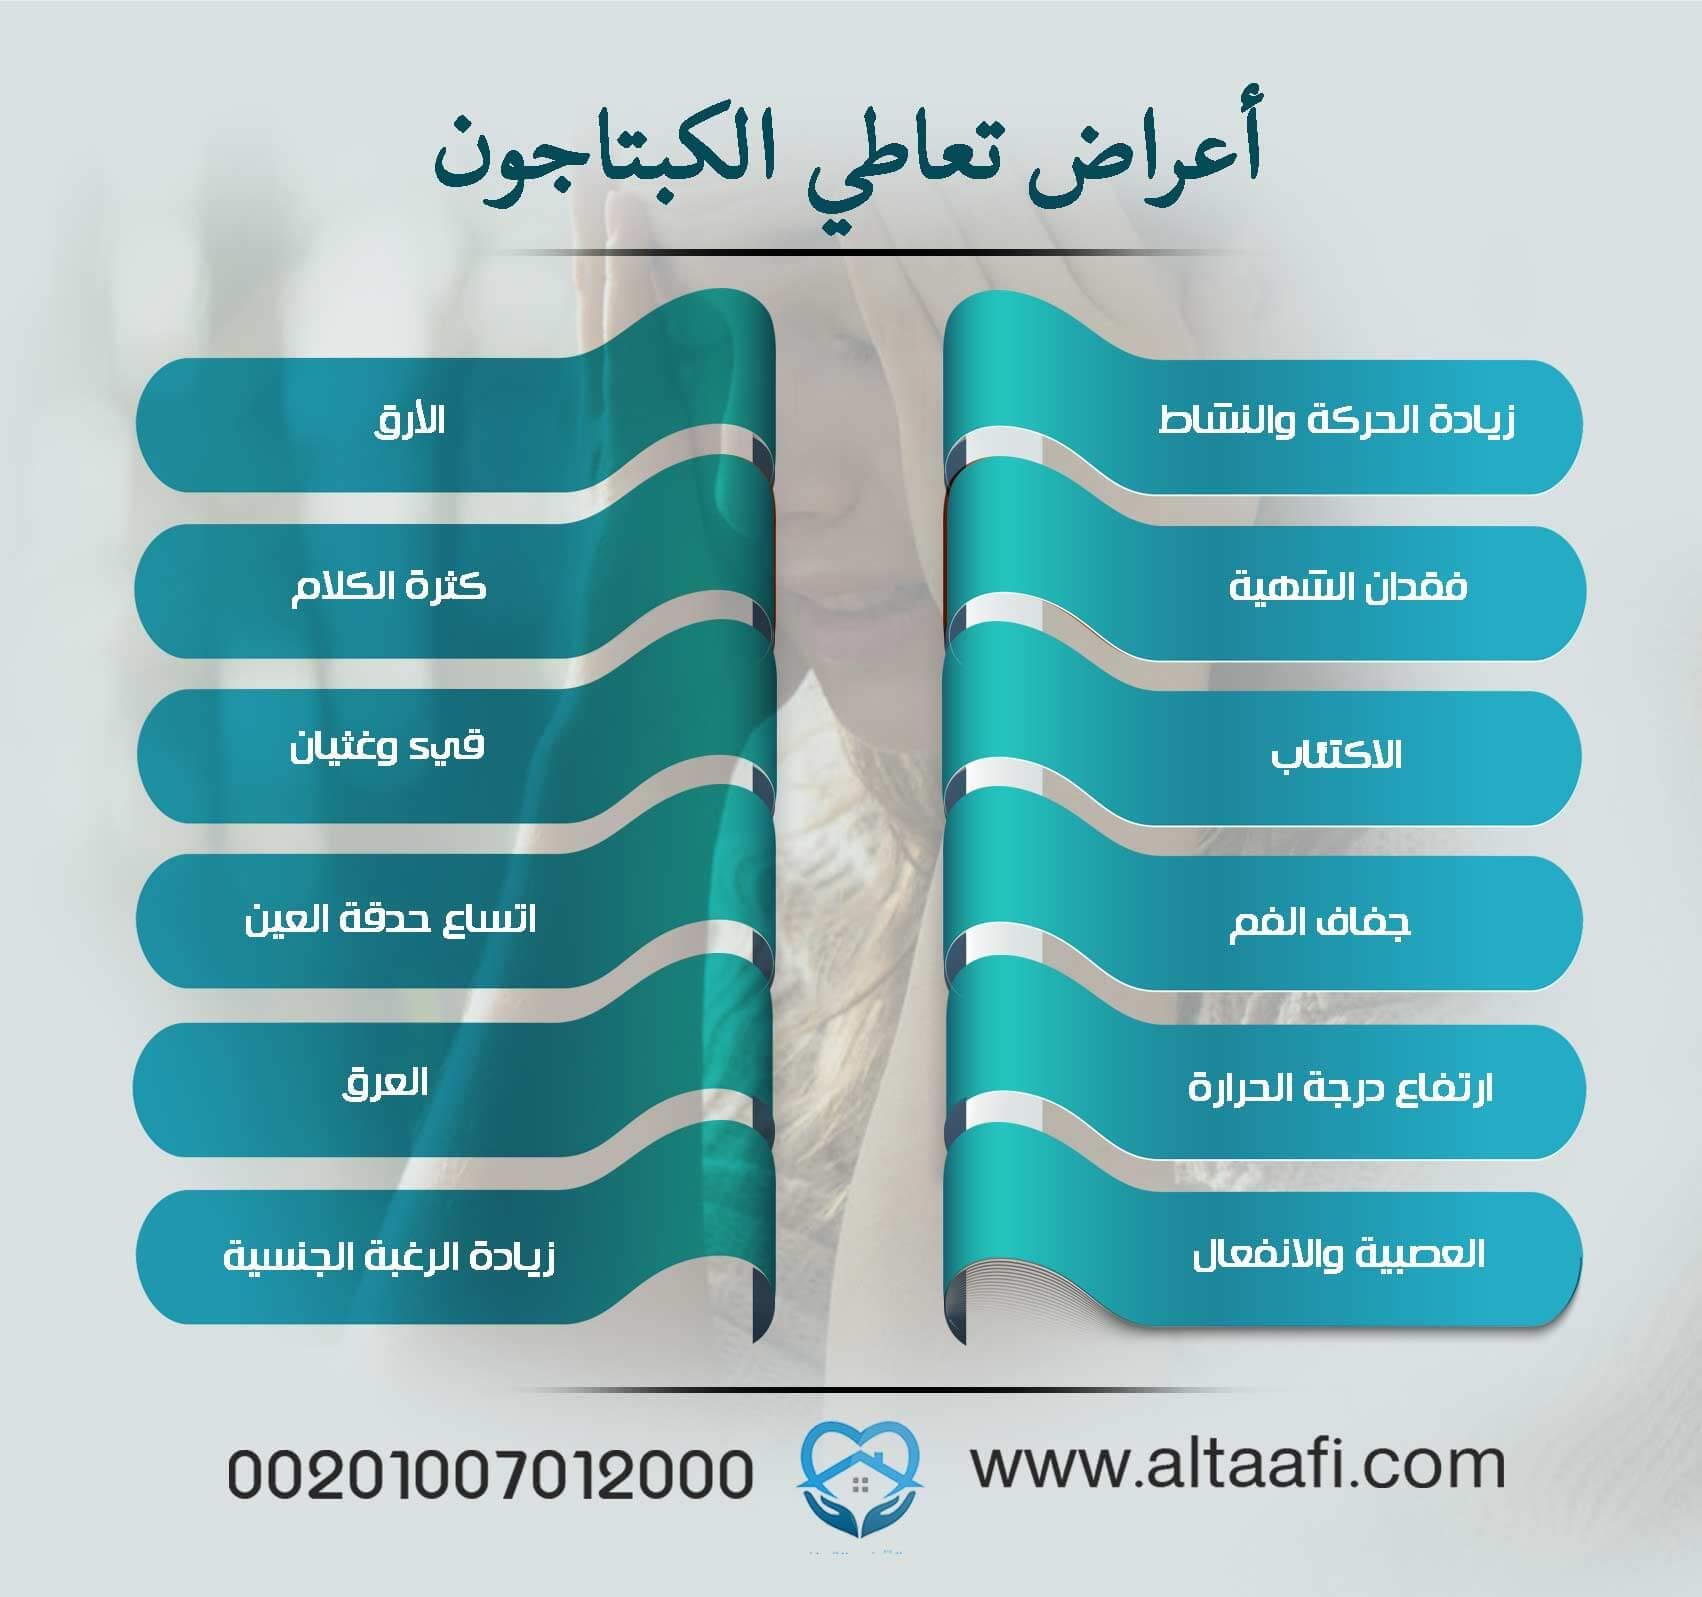 أعراض تعاطي الكبتاجون